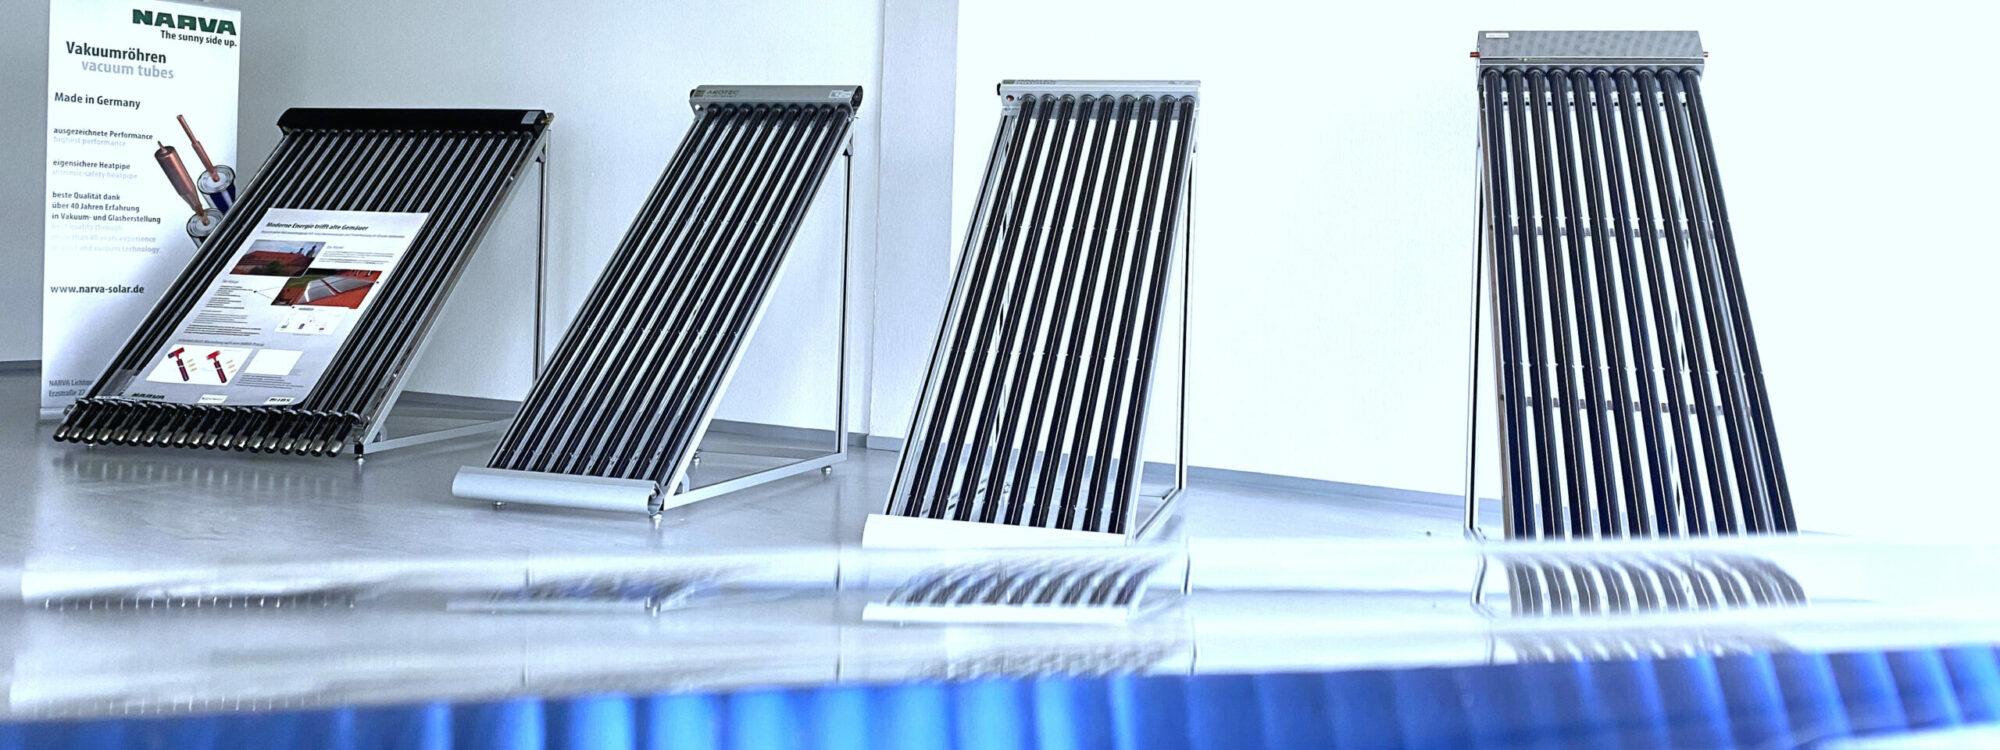 NARVA Lichtquellen Showroom Solarthermie